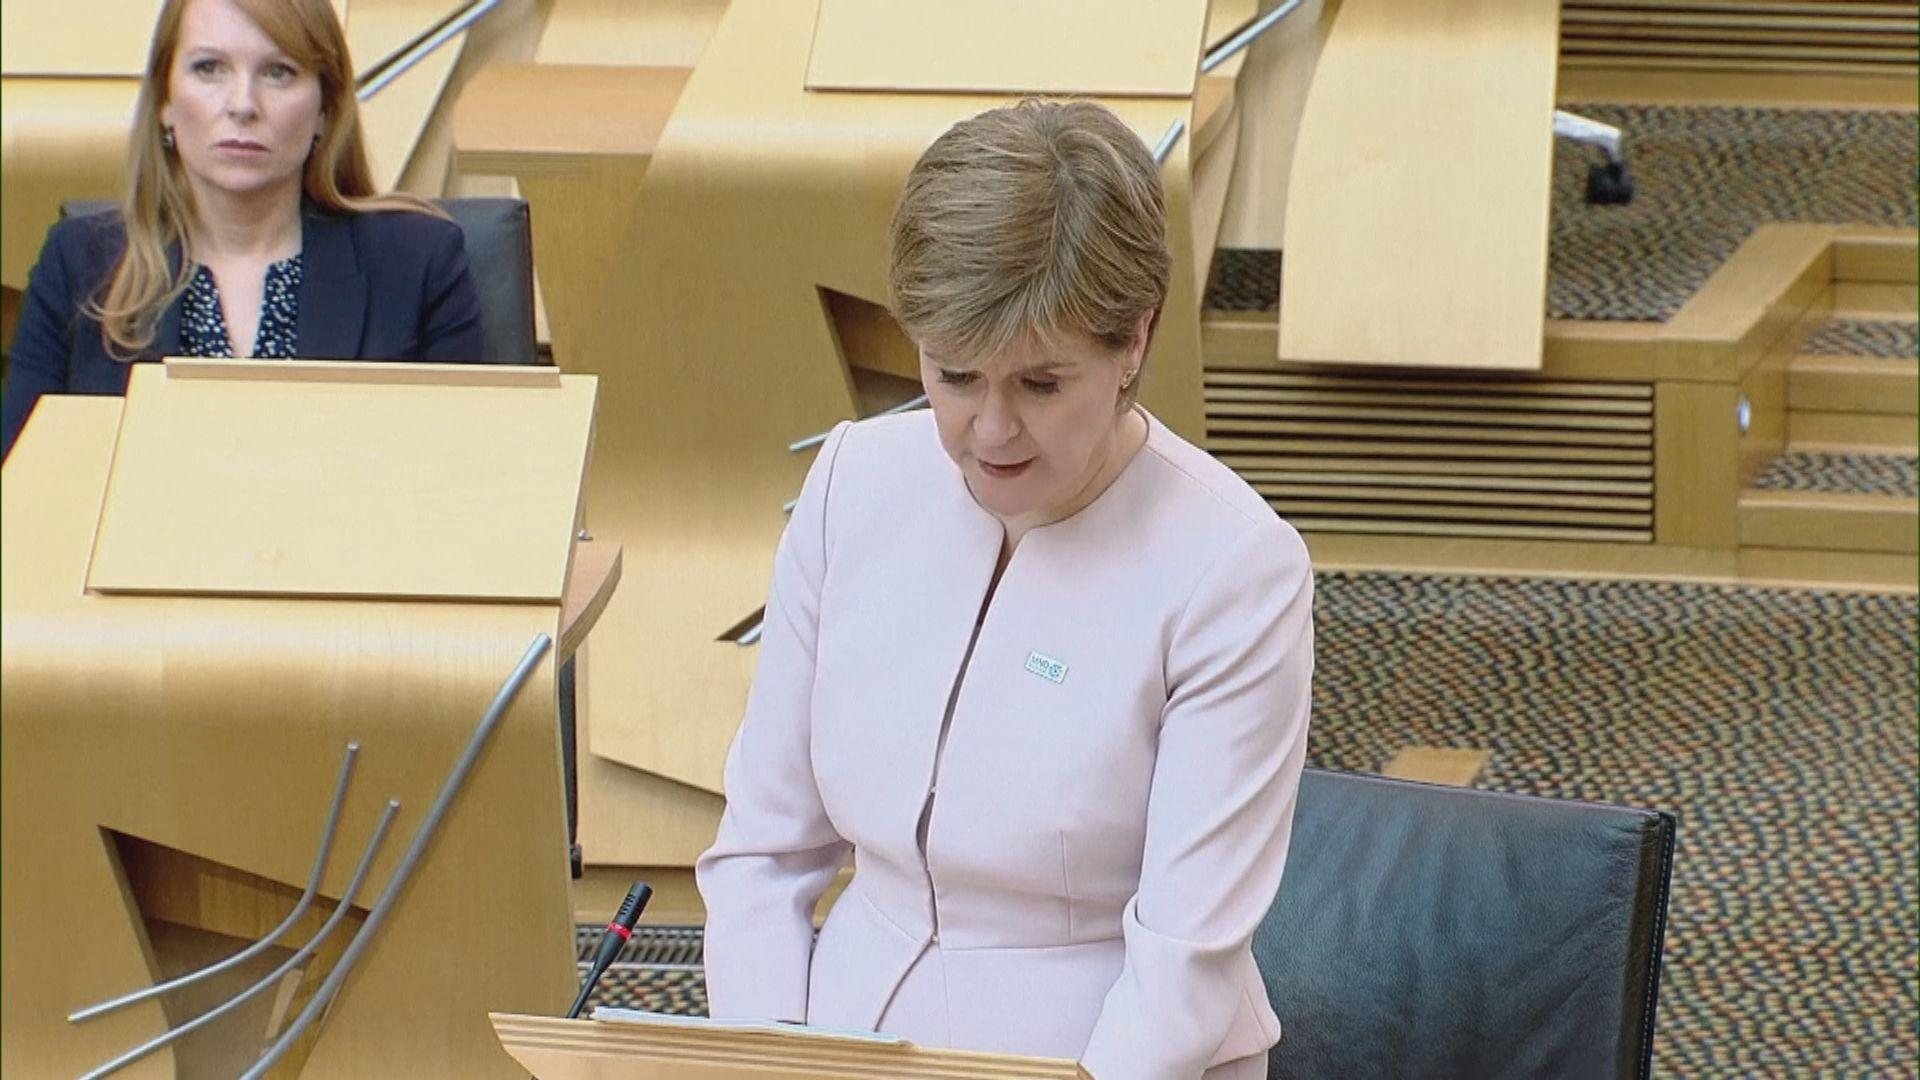 施雅晴指已啟動蘇格蘭再舉行獨立公投籌備工作